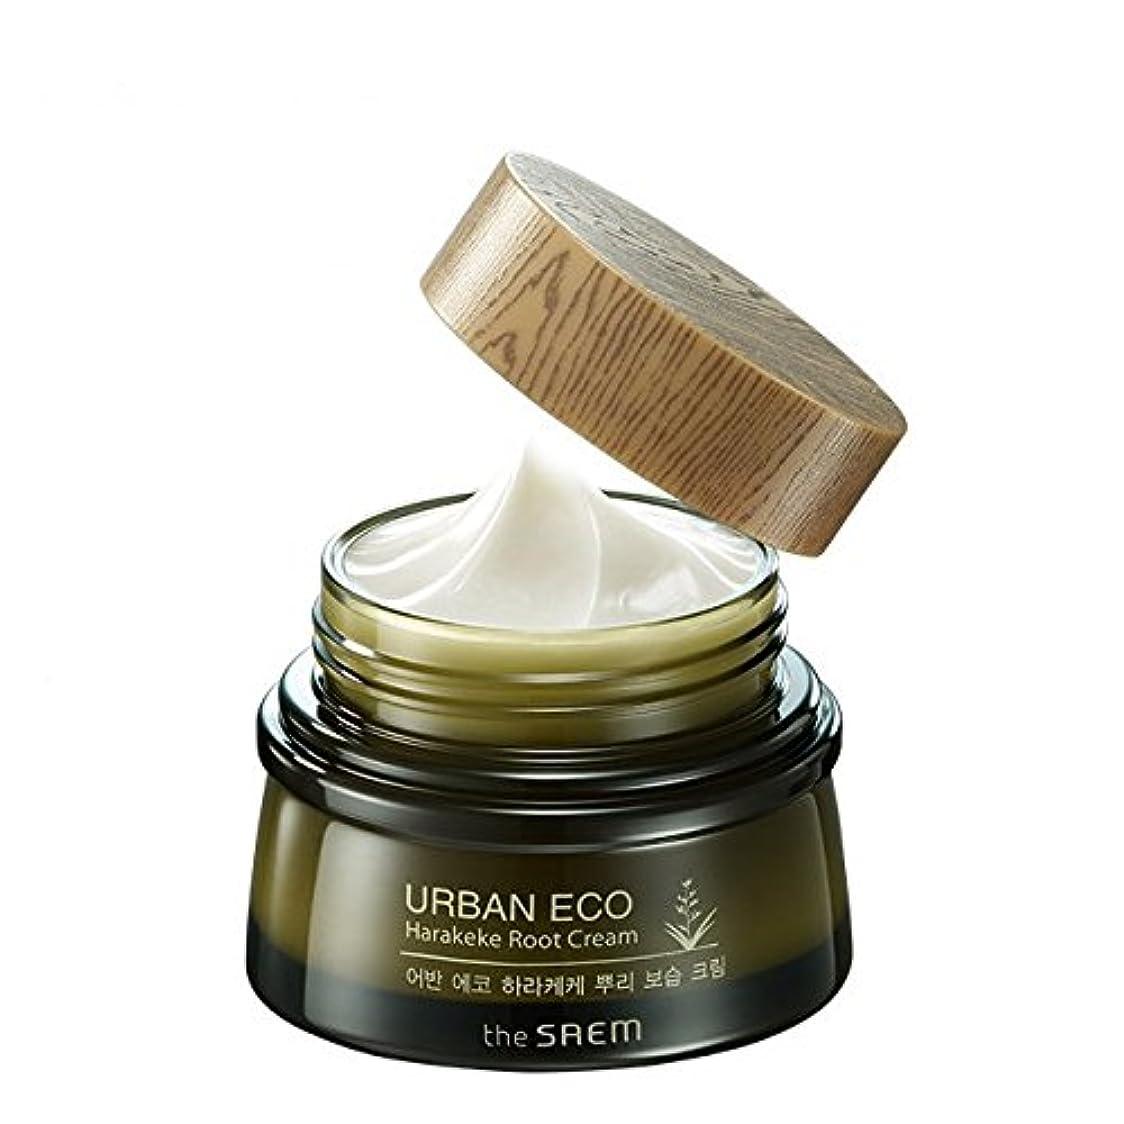 レイアウトミット害虫[ザセム] The Saem [アーバンエコ ハラケケ 根保湿クリーム60ml (The Saem Urban Eco Harakeke Root Cream60ml)